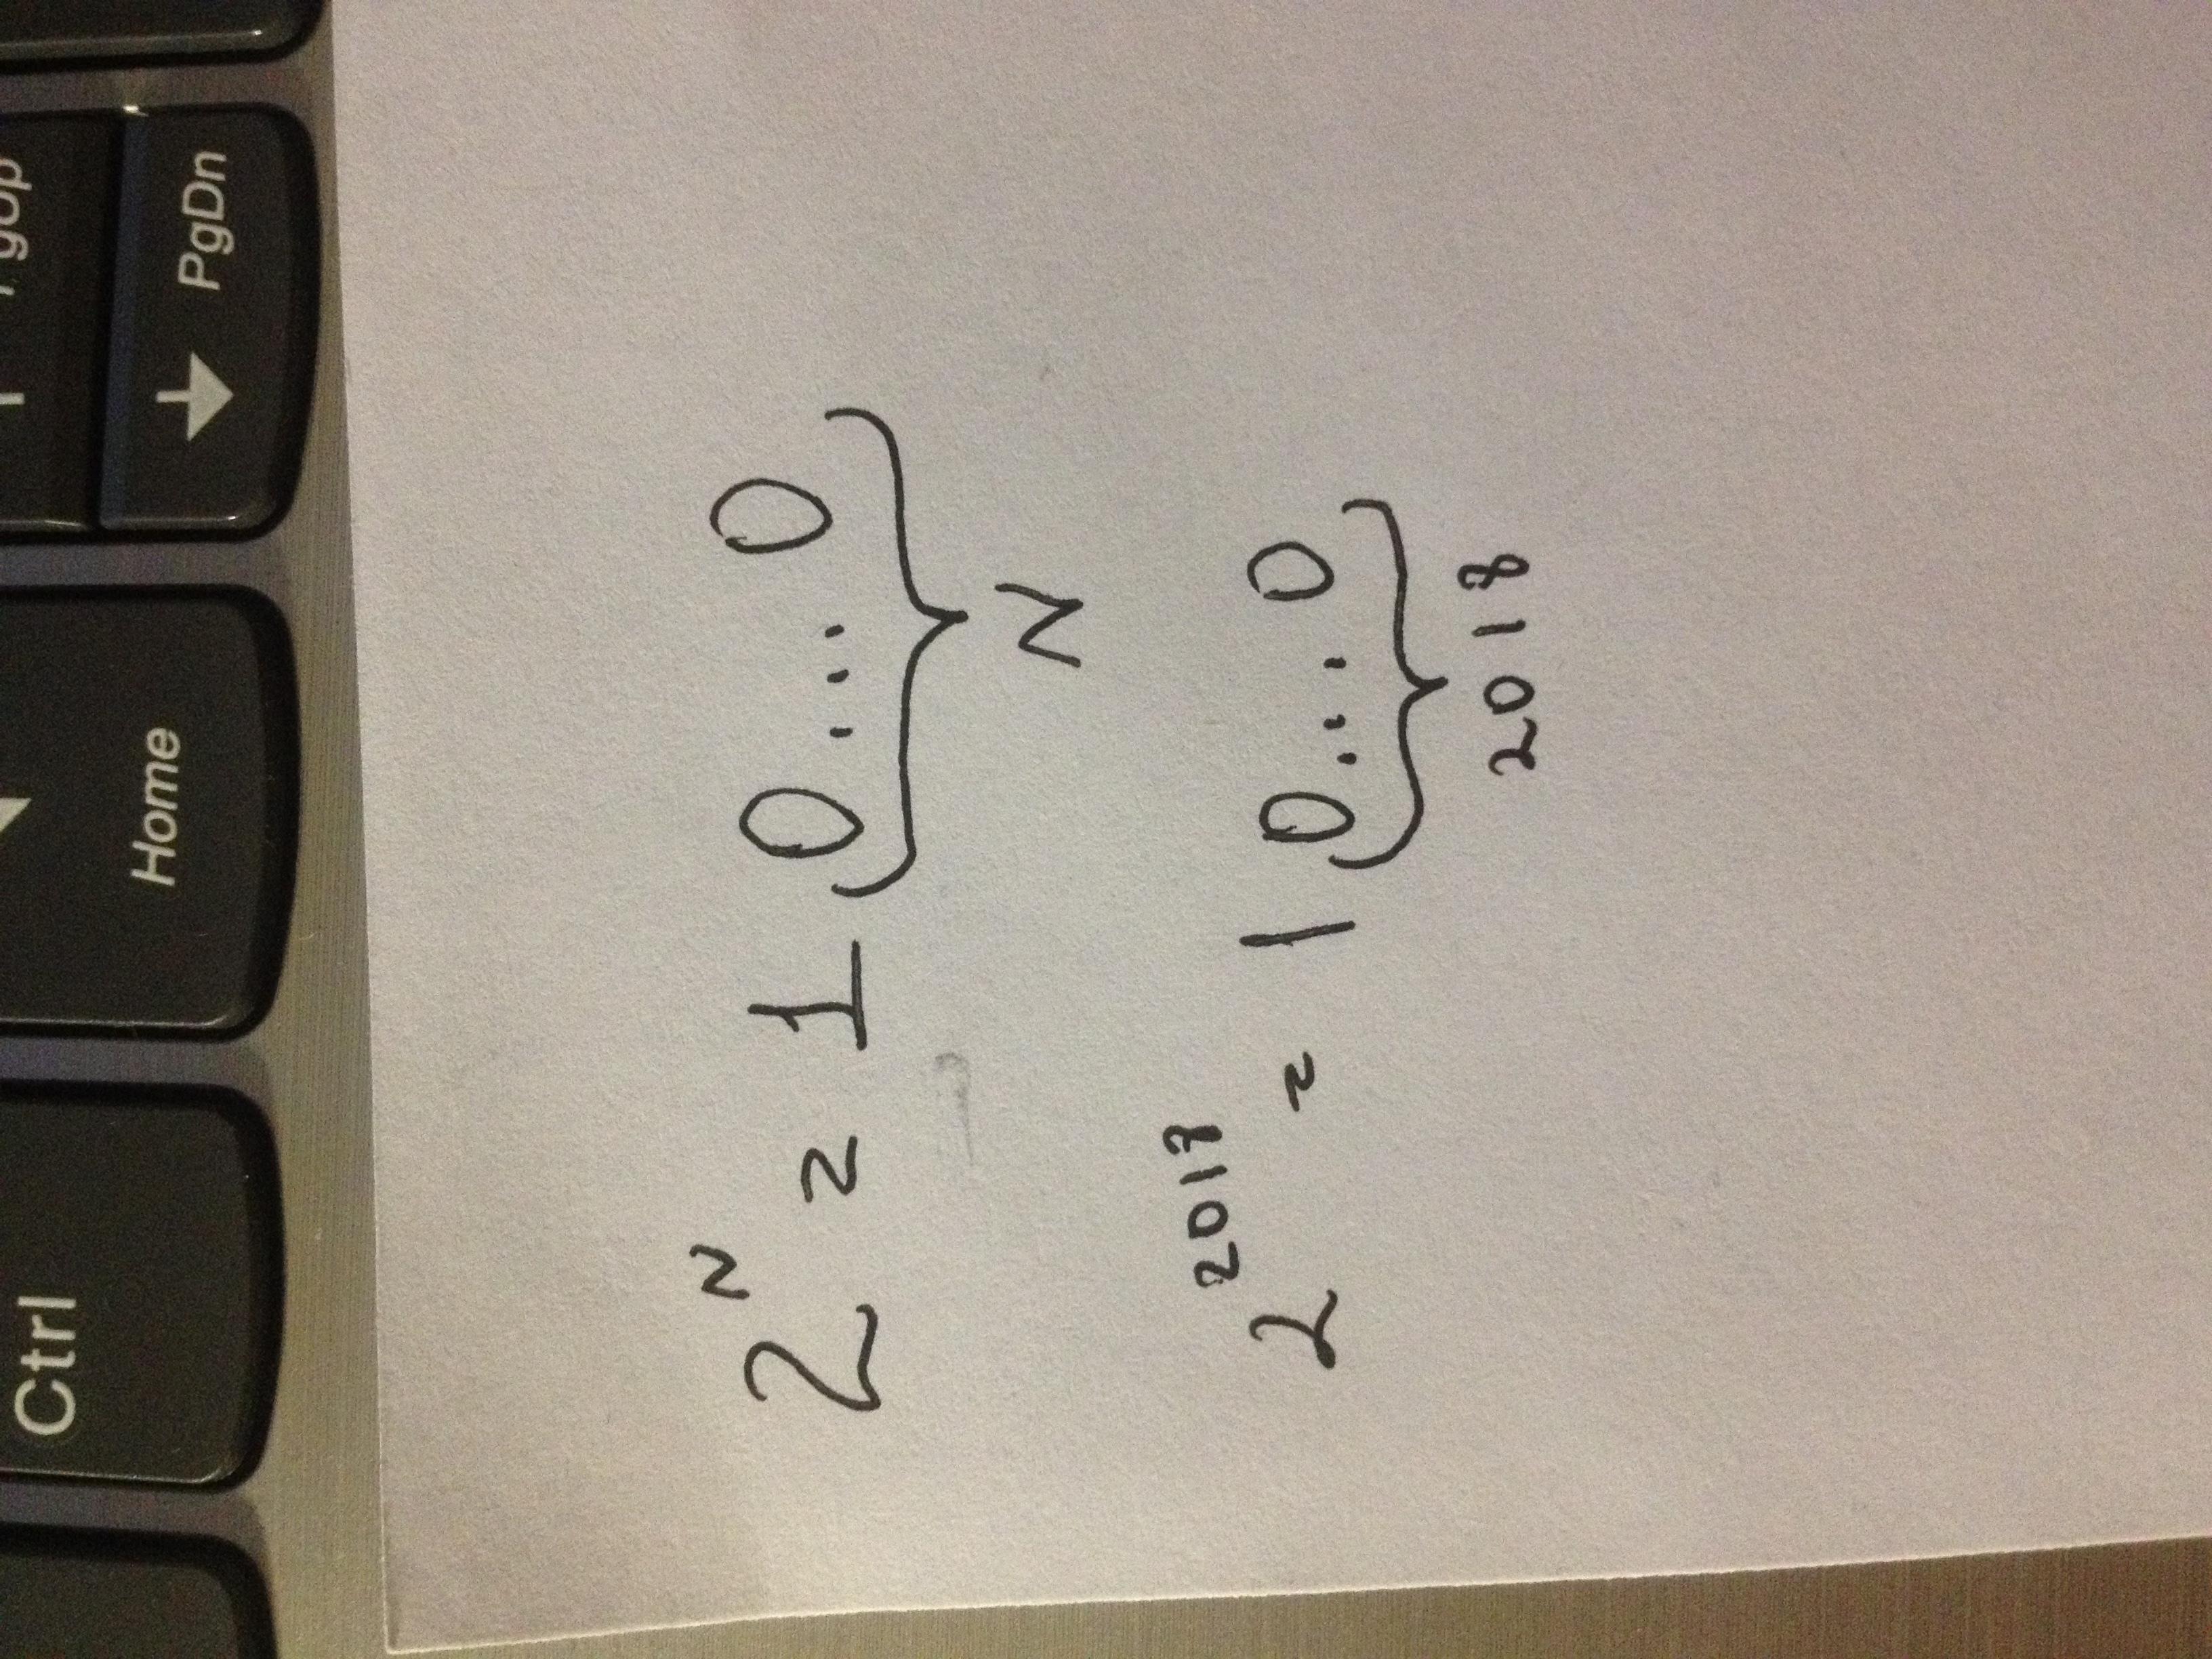 Вот по этой формуле достаточно просто, насчет других СС я не